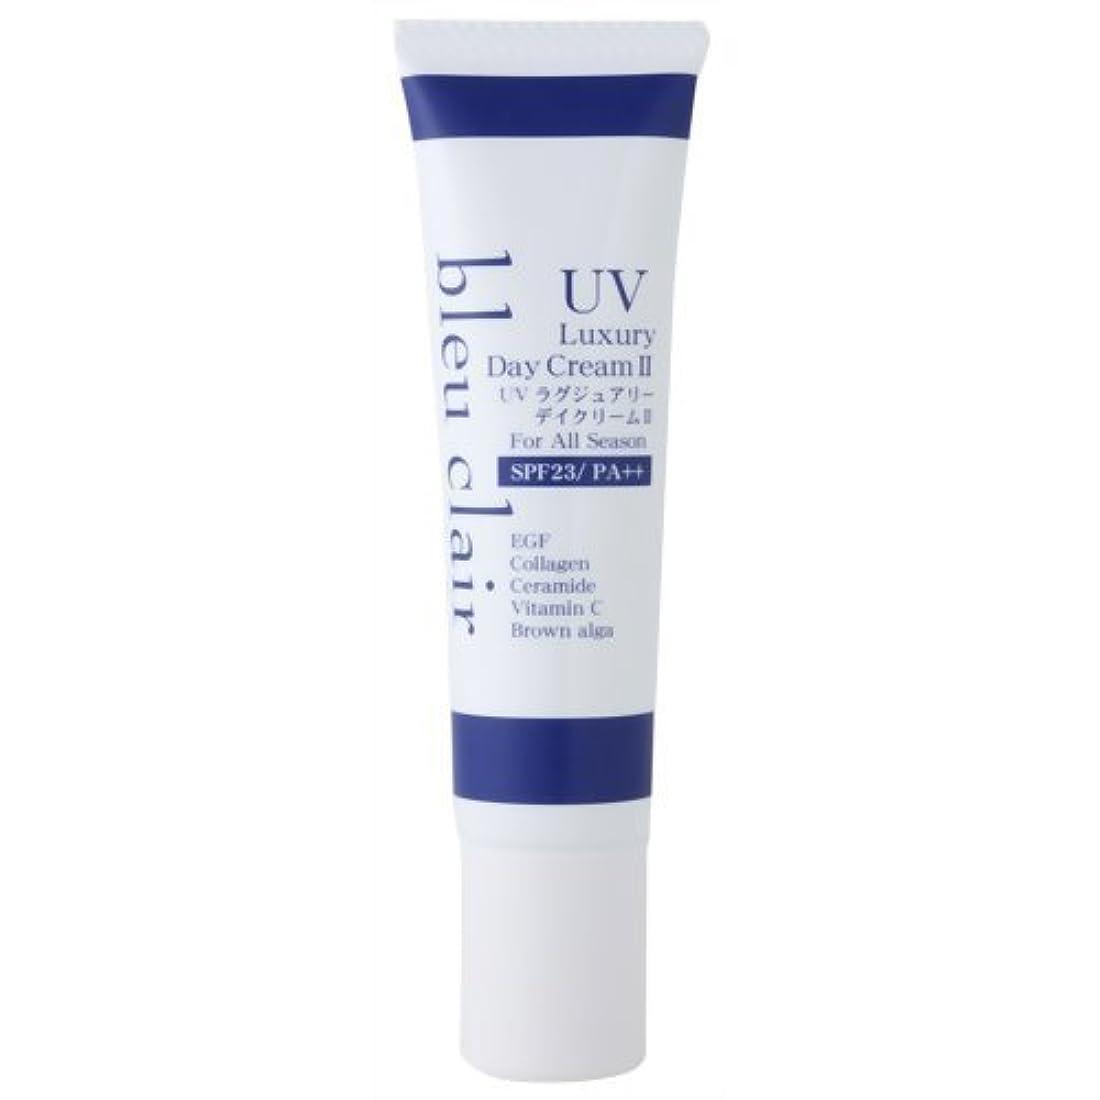 ブルークレール UVラグジュアリーデイクリームII SPF23/PA++ 35g